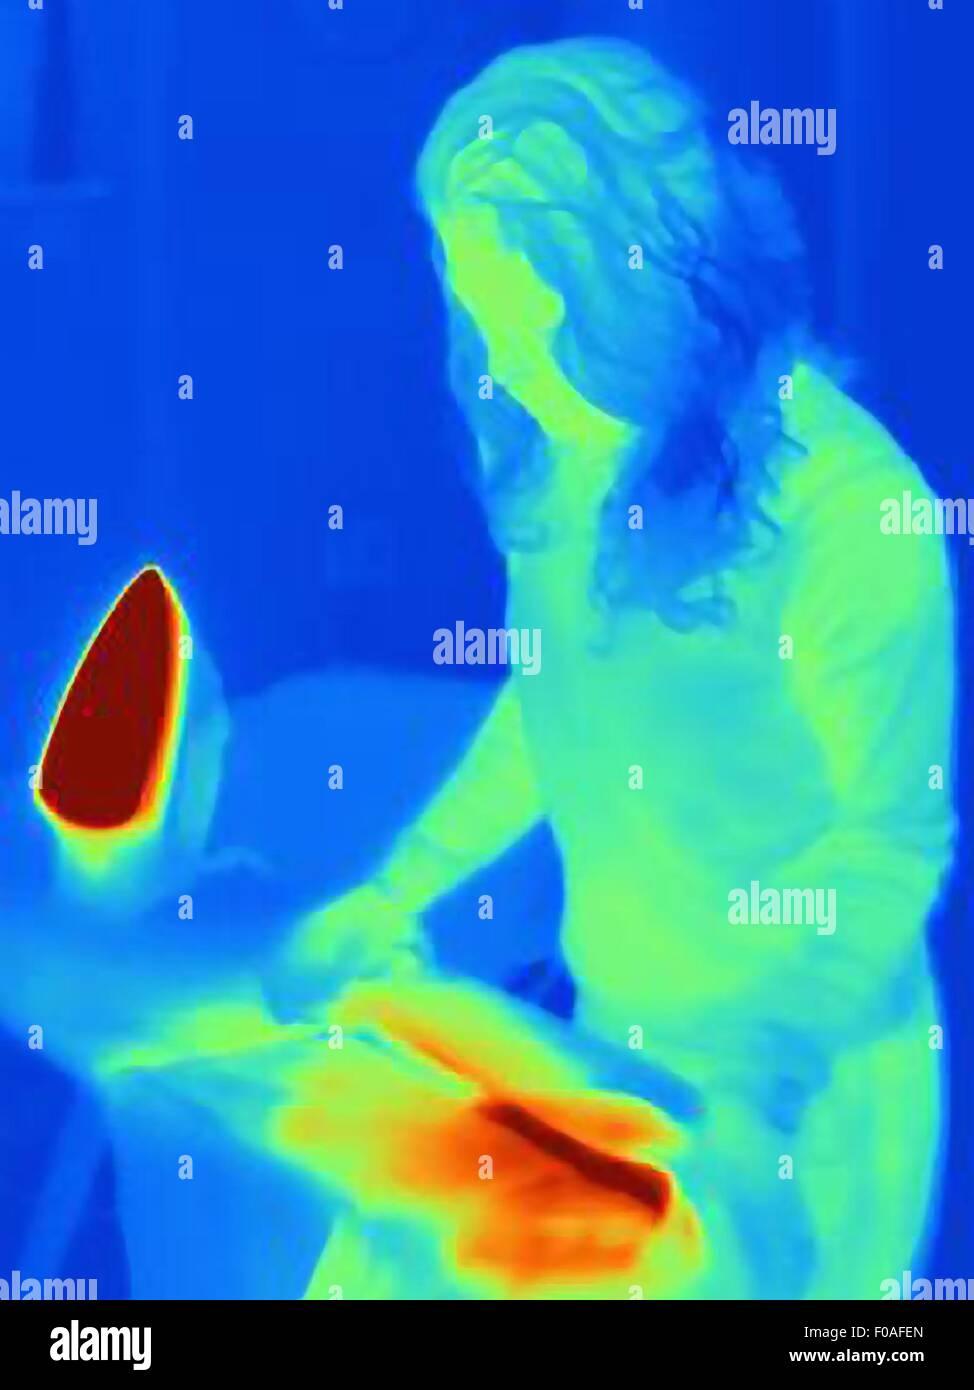 Immagine termica di donna matura la stiratura Immagini Stock